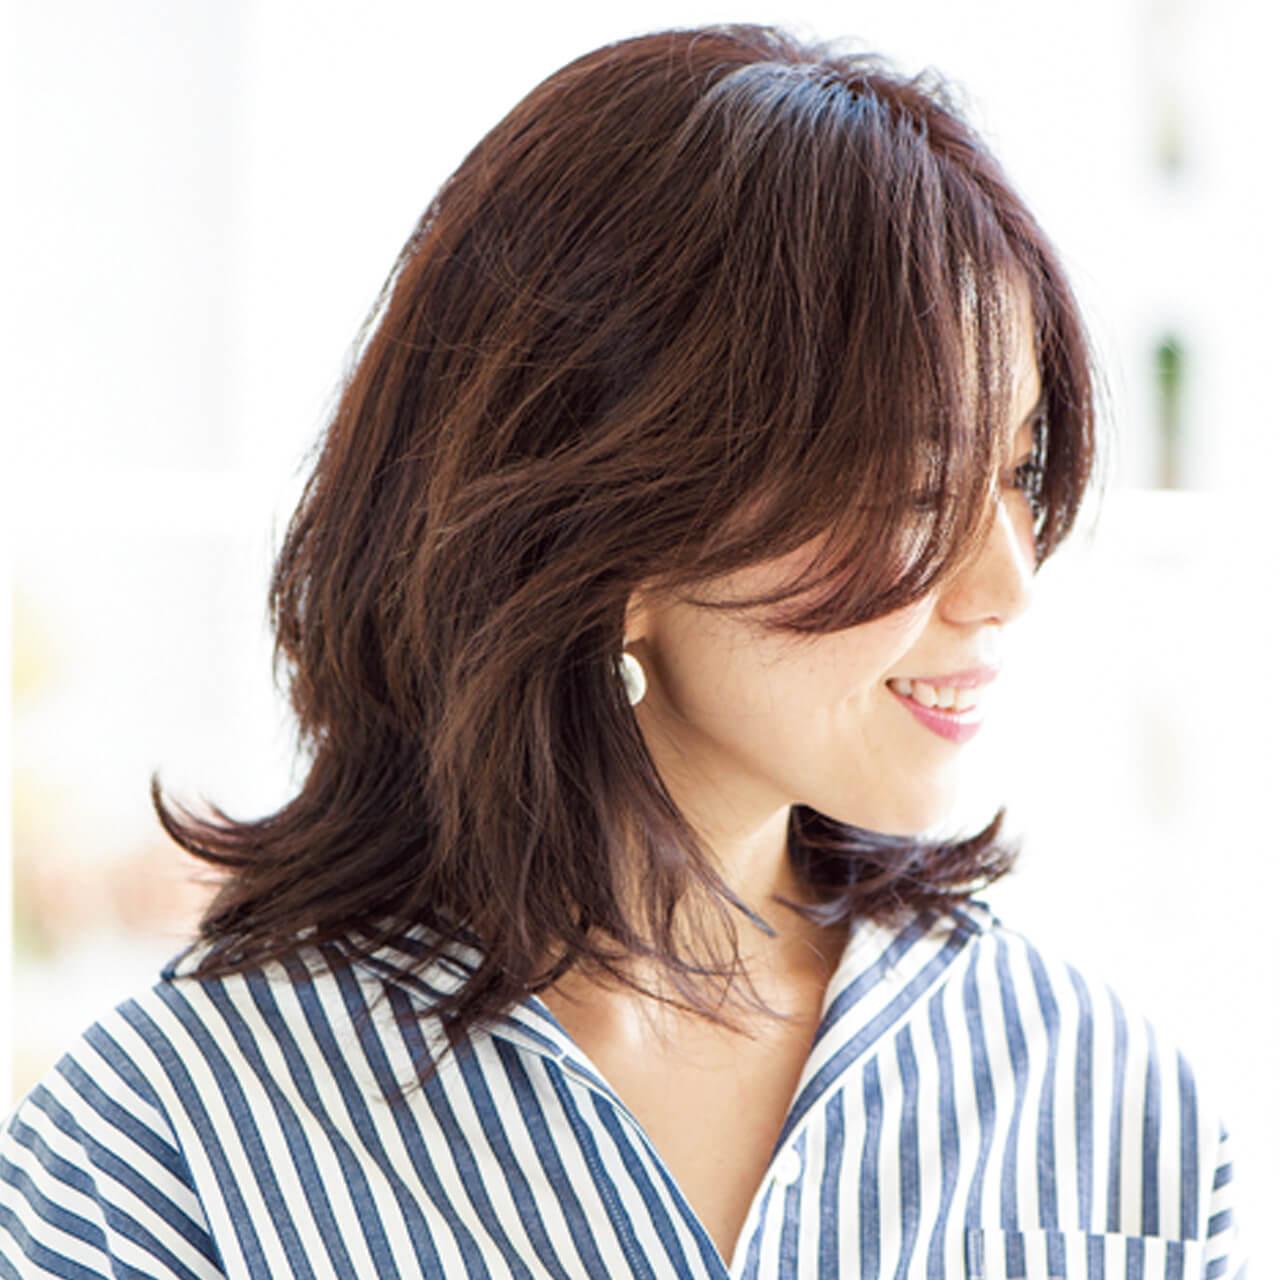 髪の多さも軽減してくれる、くびれフォルムのミディアムヘア【40代のミディアムヘア】_1_2